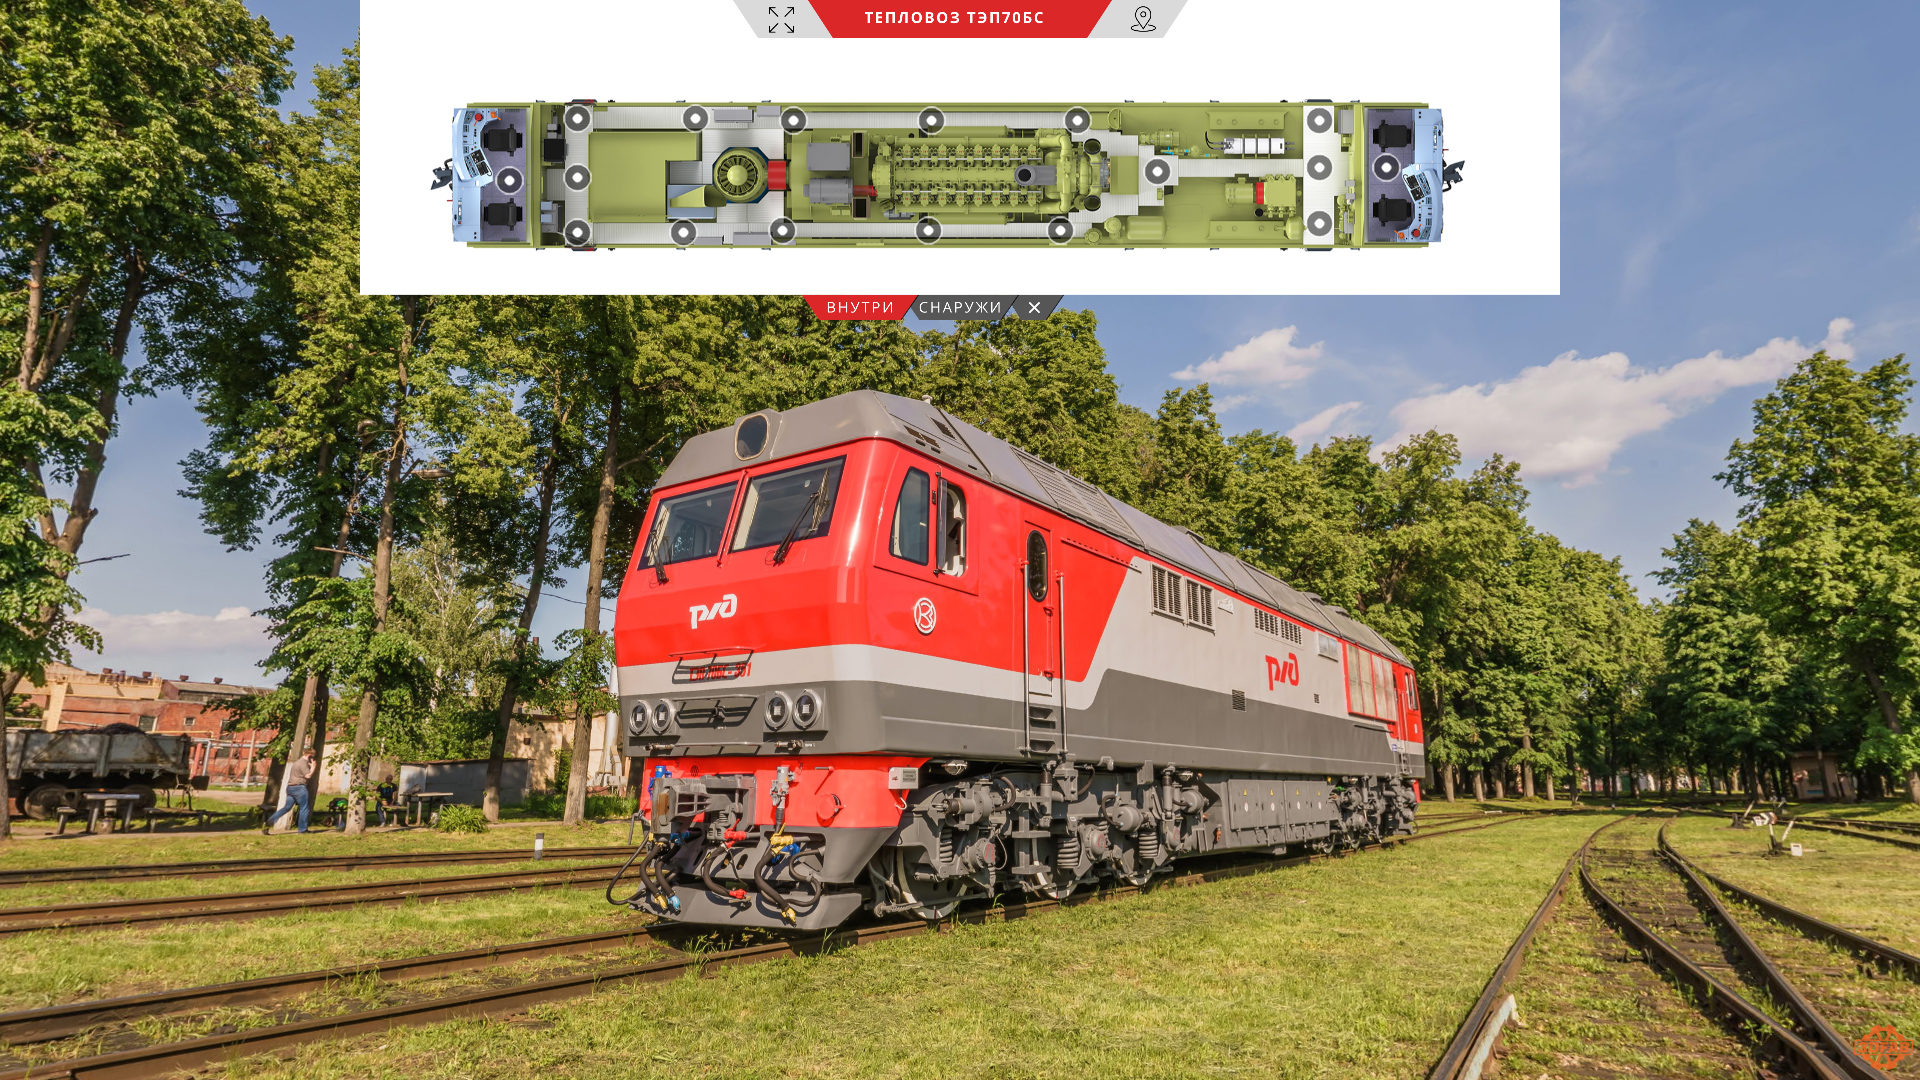 tep70bs 351 title 02 1920x1080 Виртуальная экскурсия по электровозу ТЭП70БС №351